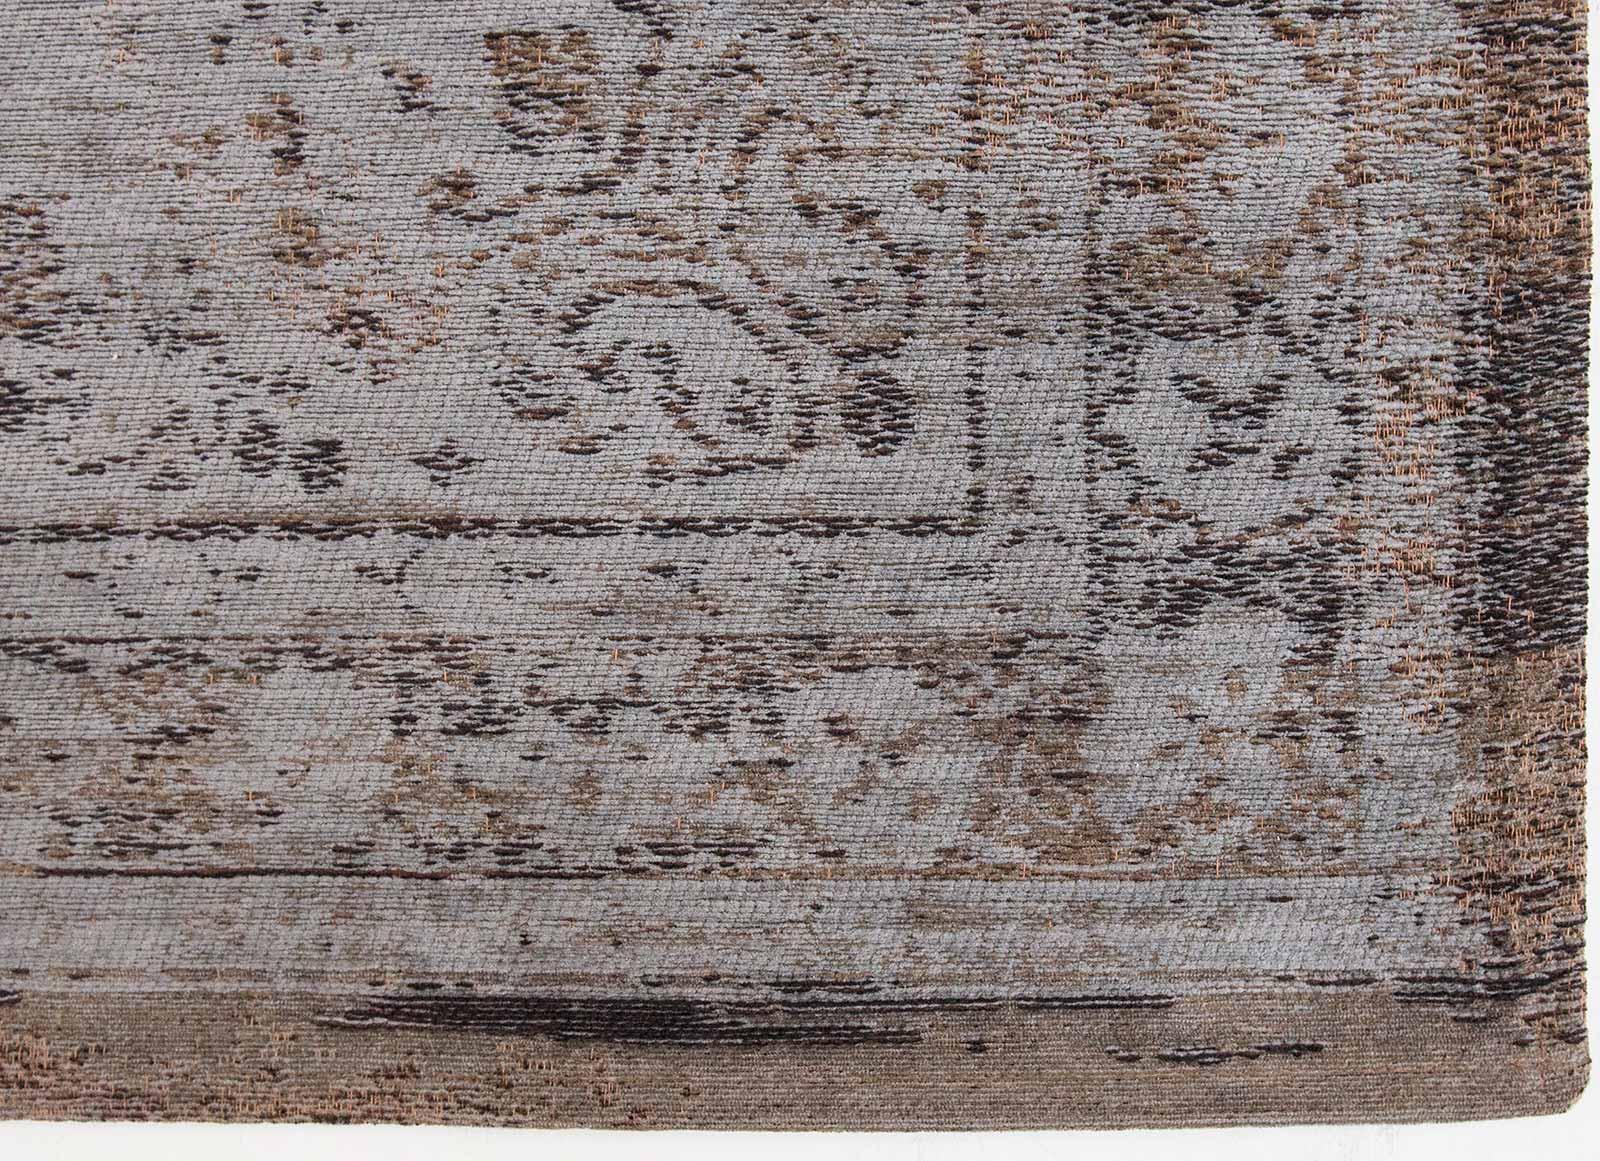 teppich Louis De Poortere LX 8257 Fading World Medaillon Grey Ebony corner